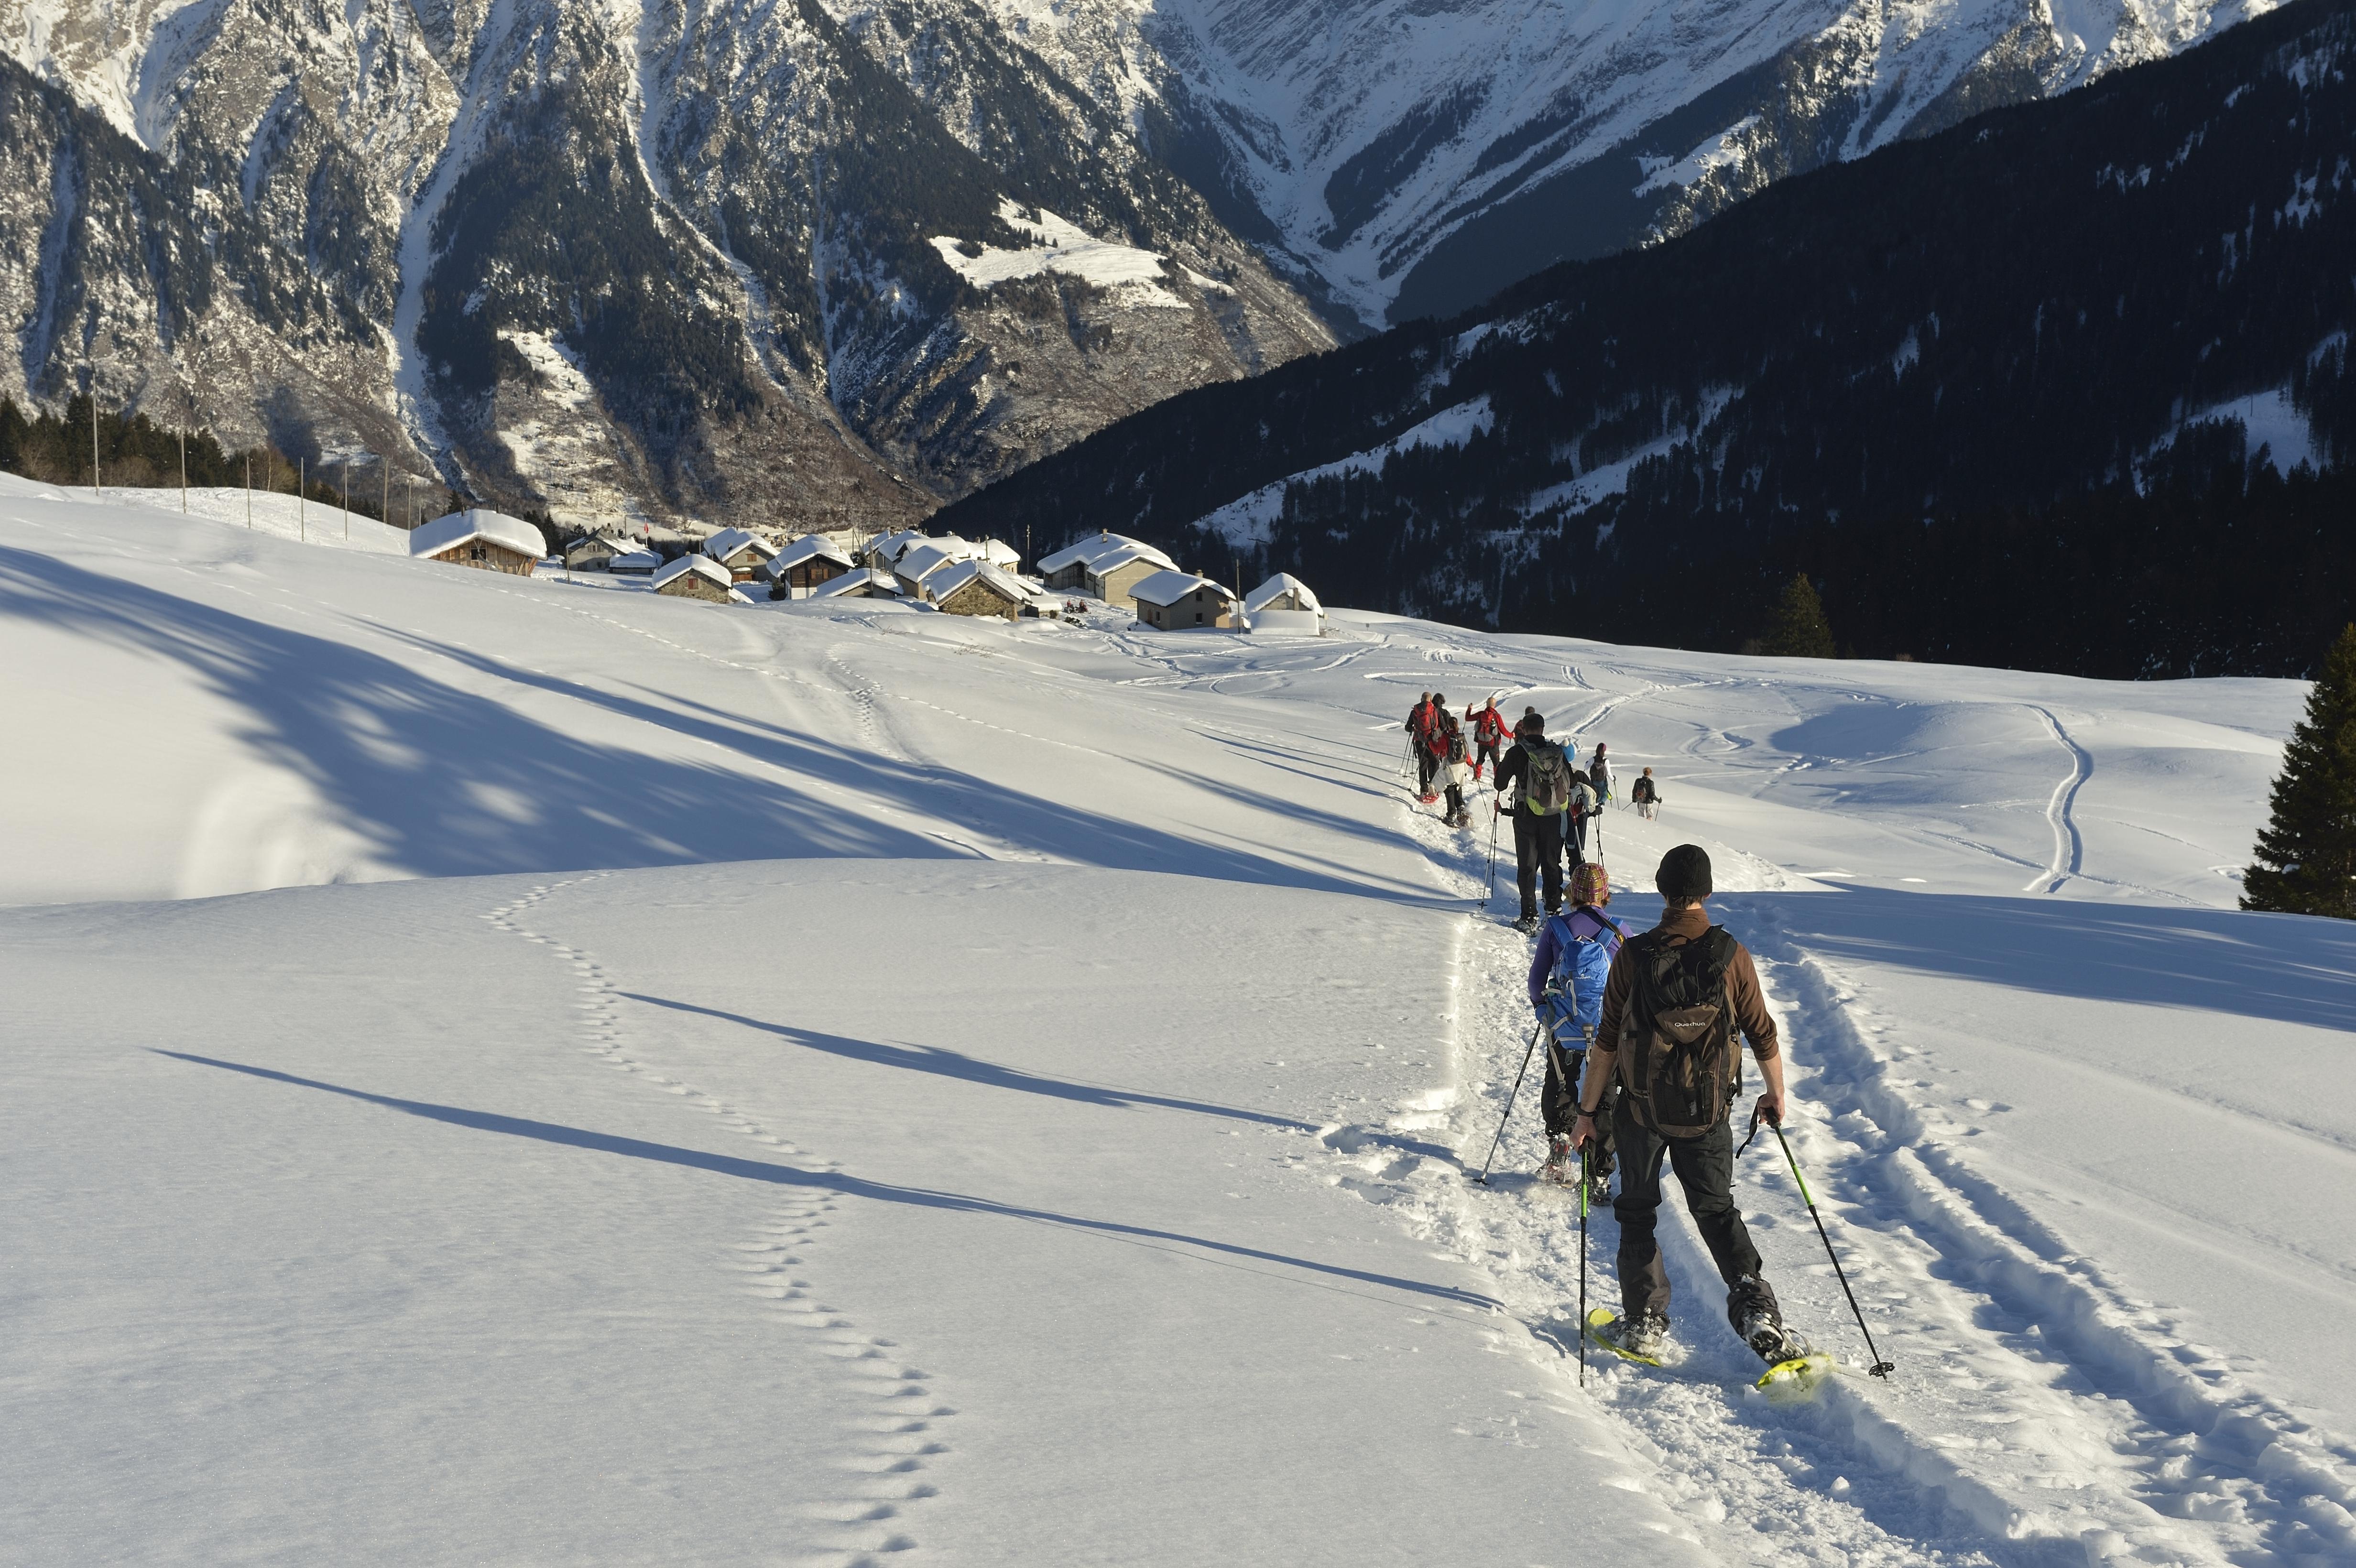 Come scegliere le racchette da neve - Mountain Kingdom be8bcc695726